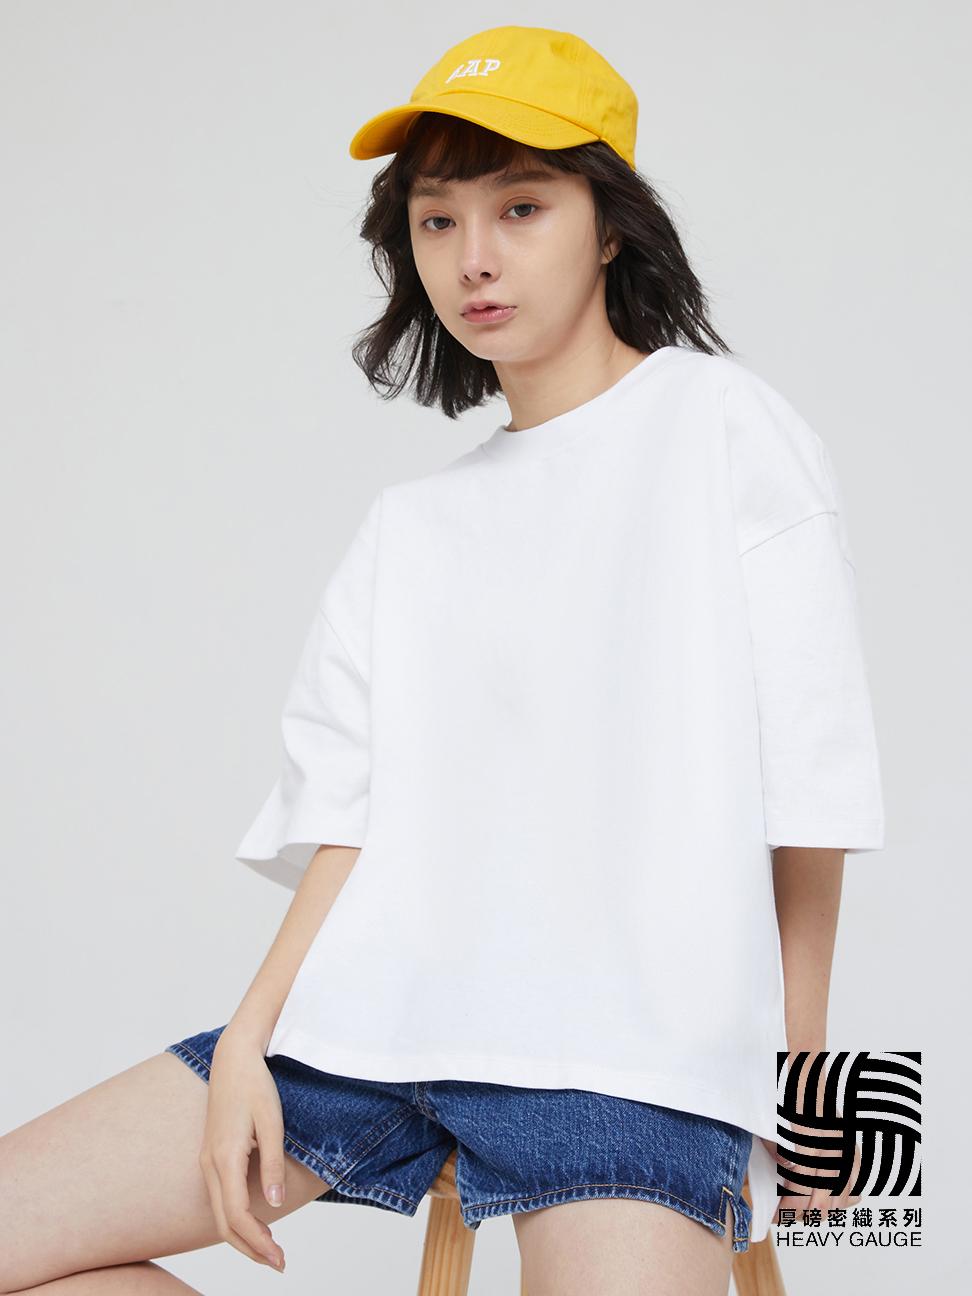 女裝 厚磅密織系列 純棉質感厚磅圓領短袖T恤